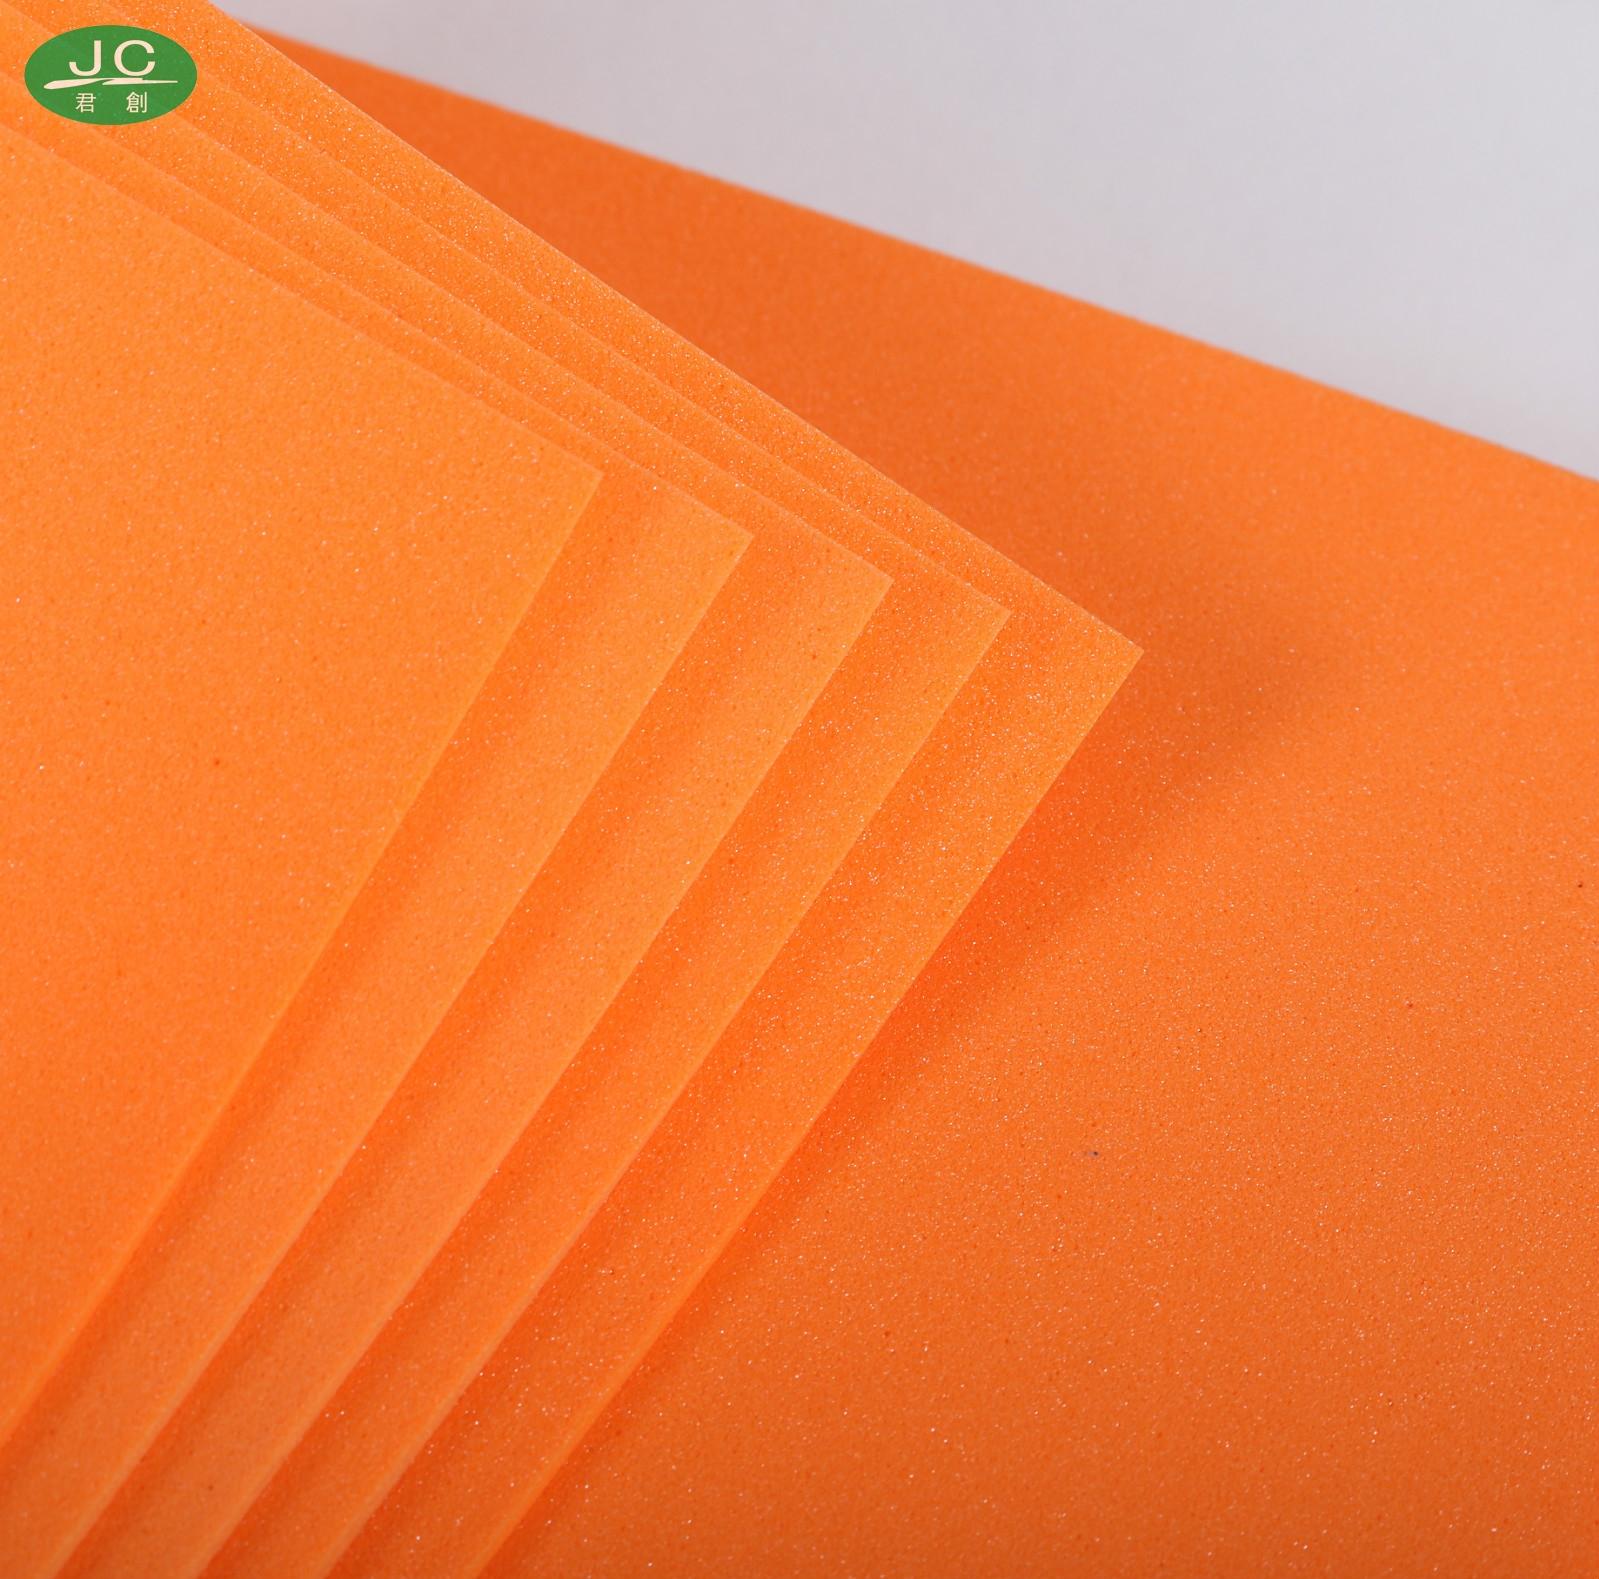 天津韩国进口橙色泡棉